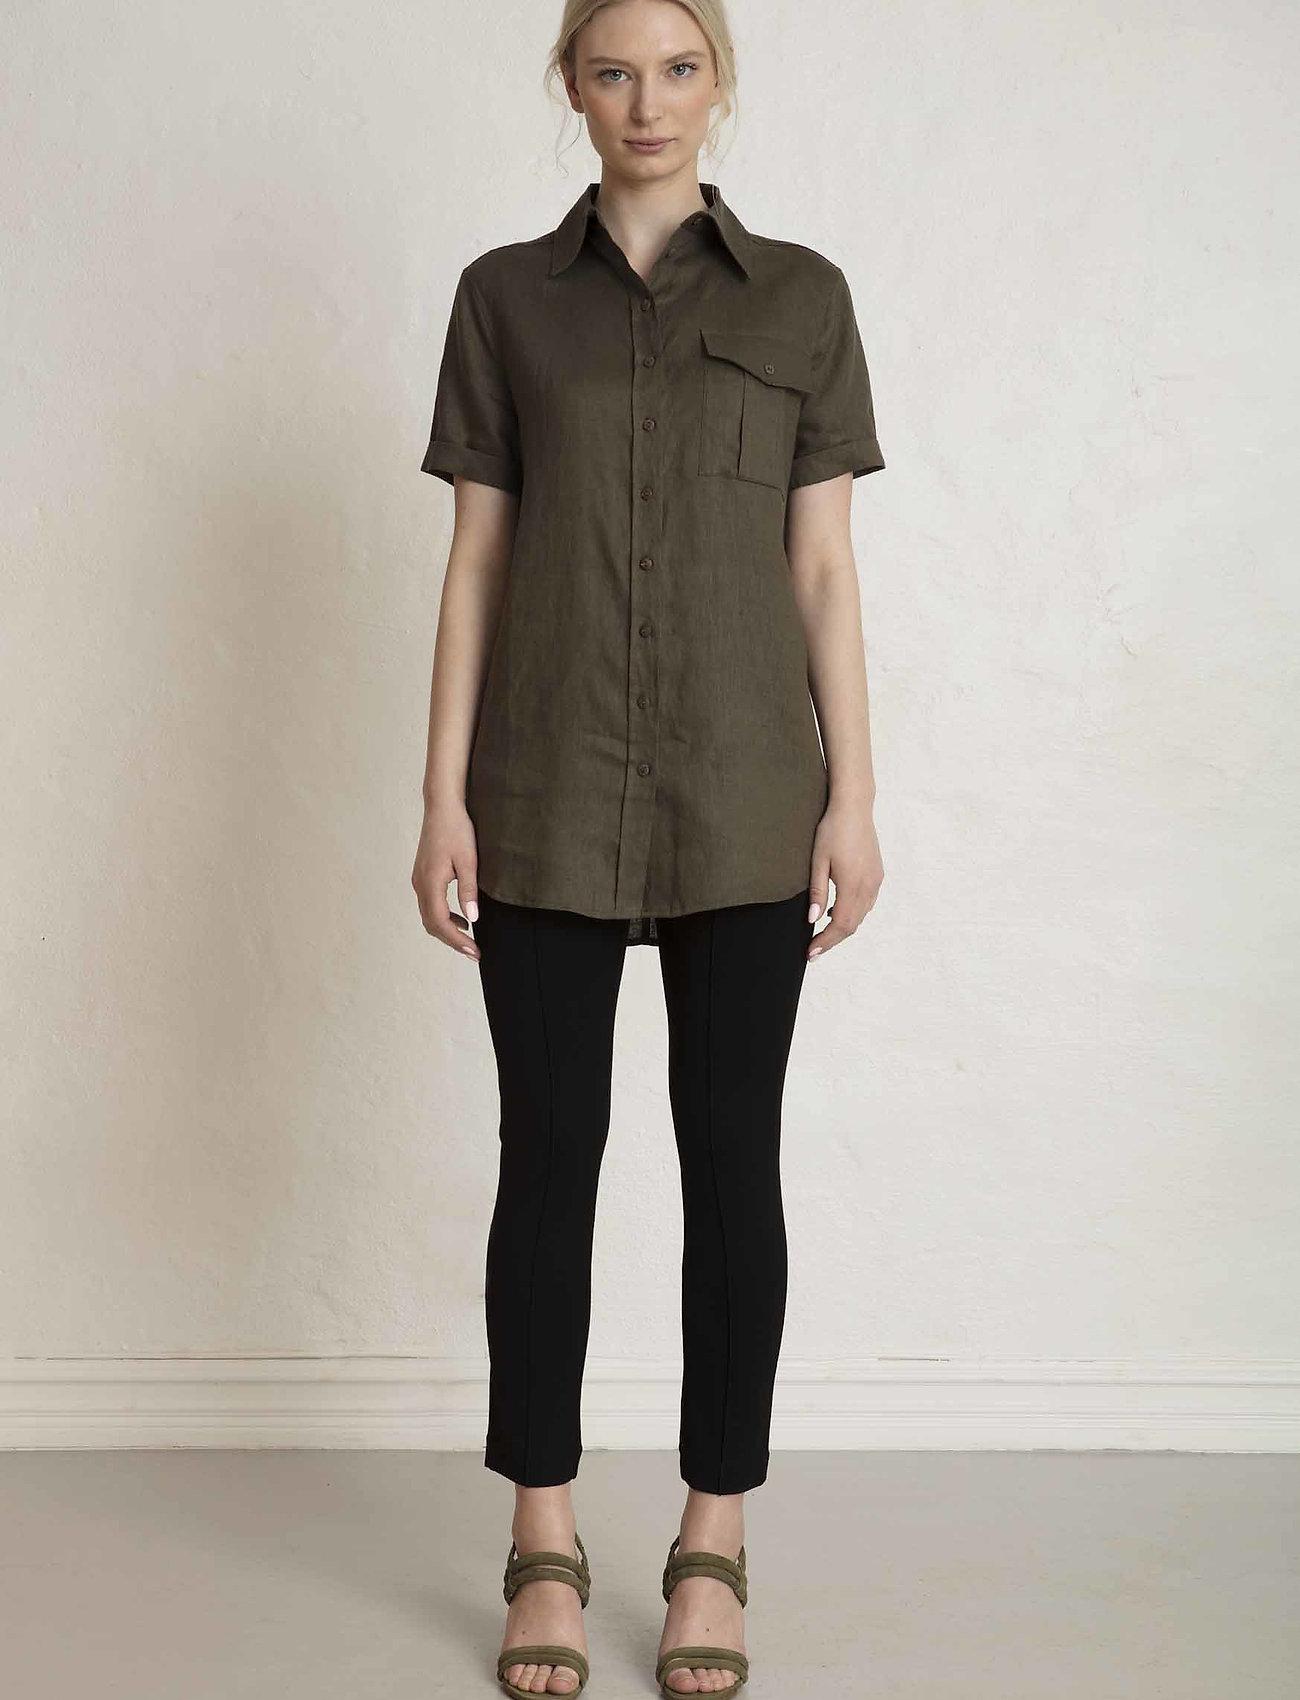 Residus - PINE LINEN SHIRT - overhemden met korte mouwen - dark pine - 0